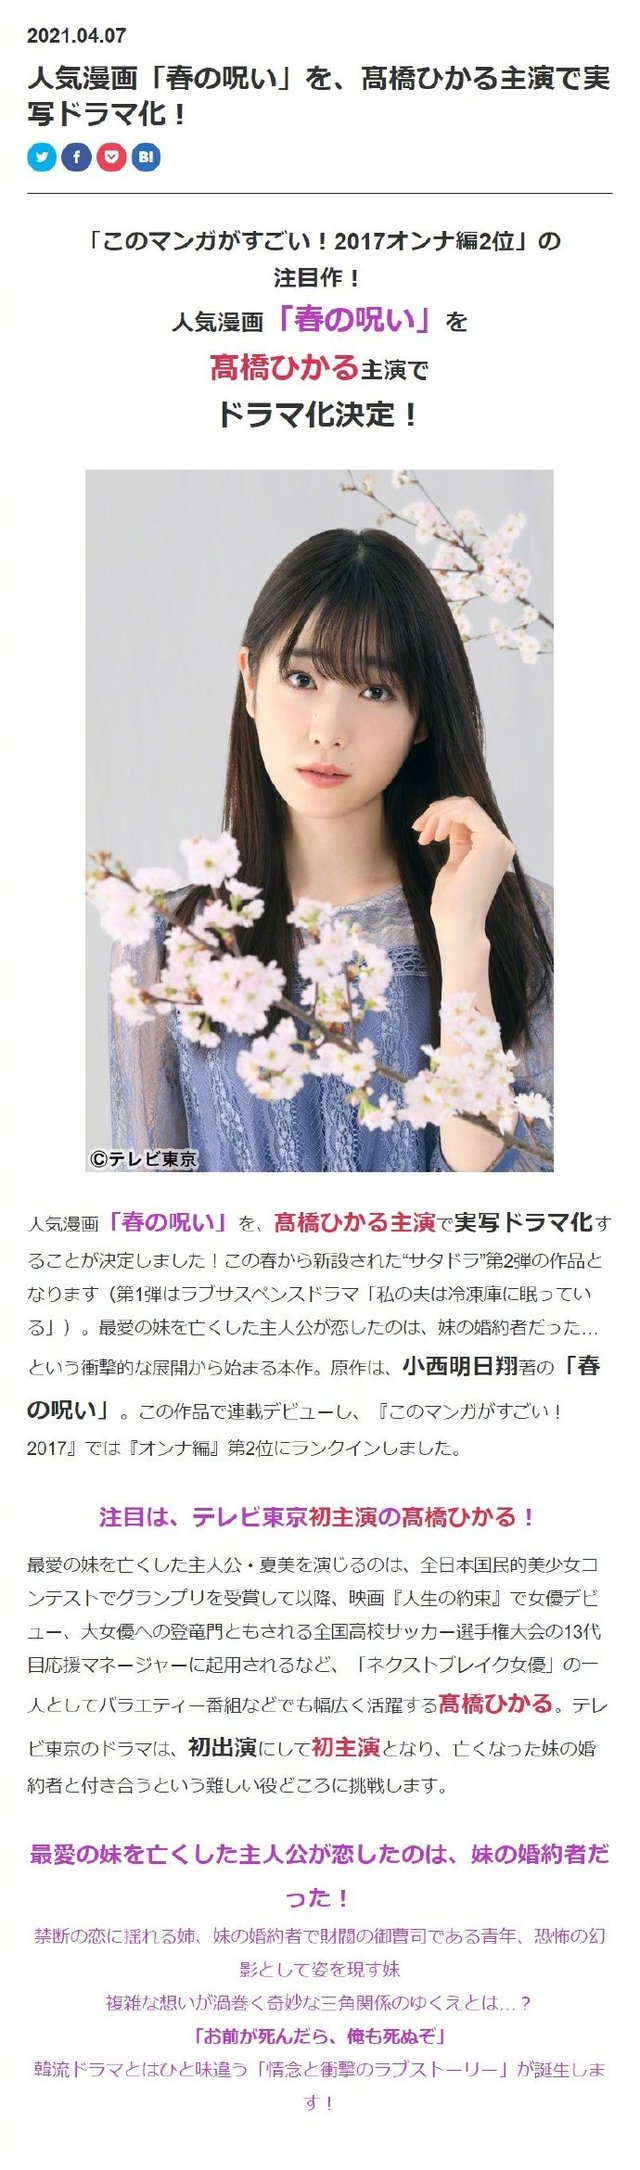 小西明日翔漫画「春的诅咒」宣布日剧化